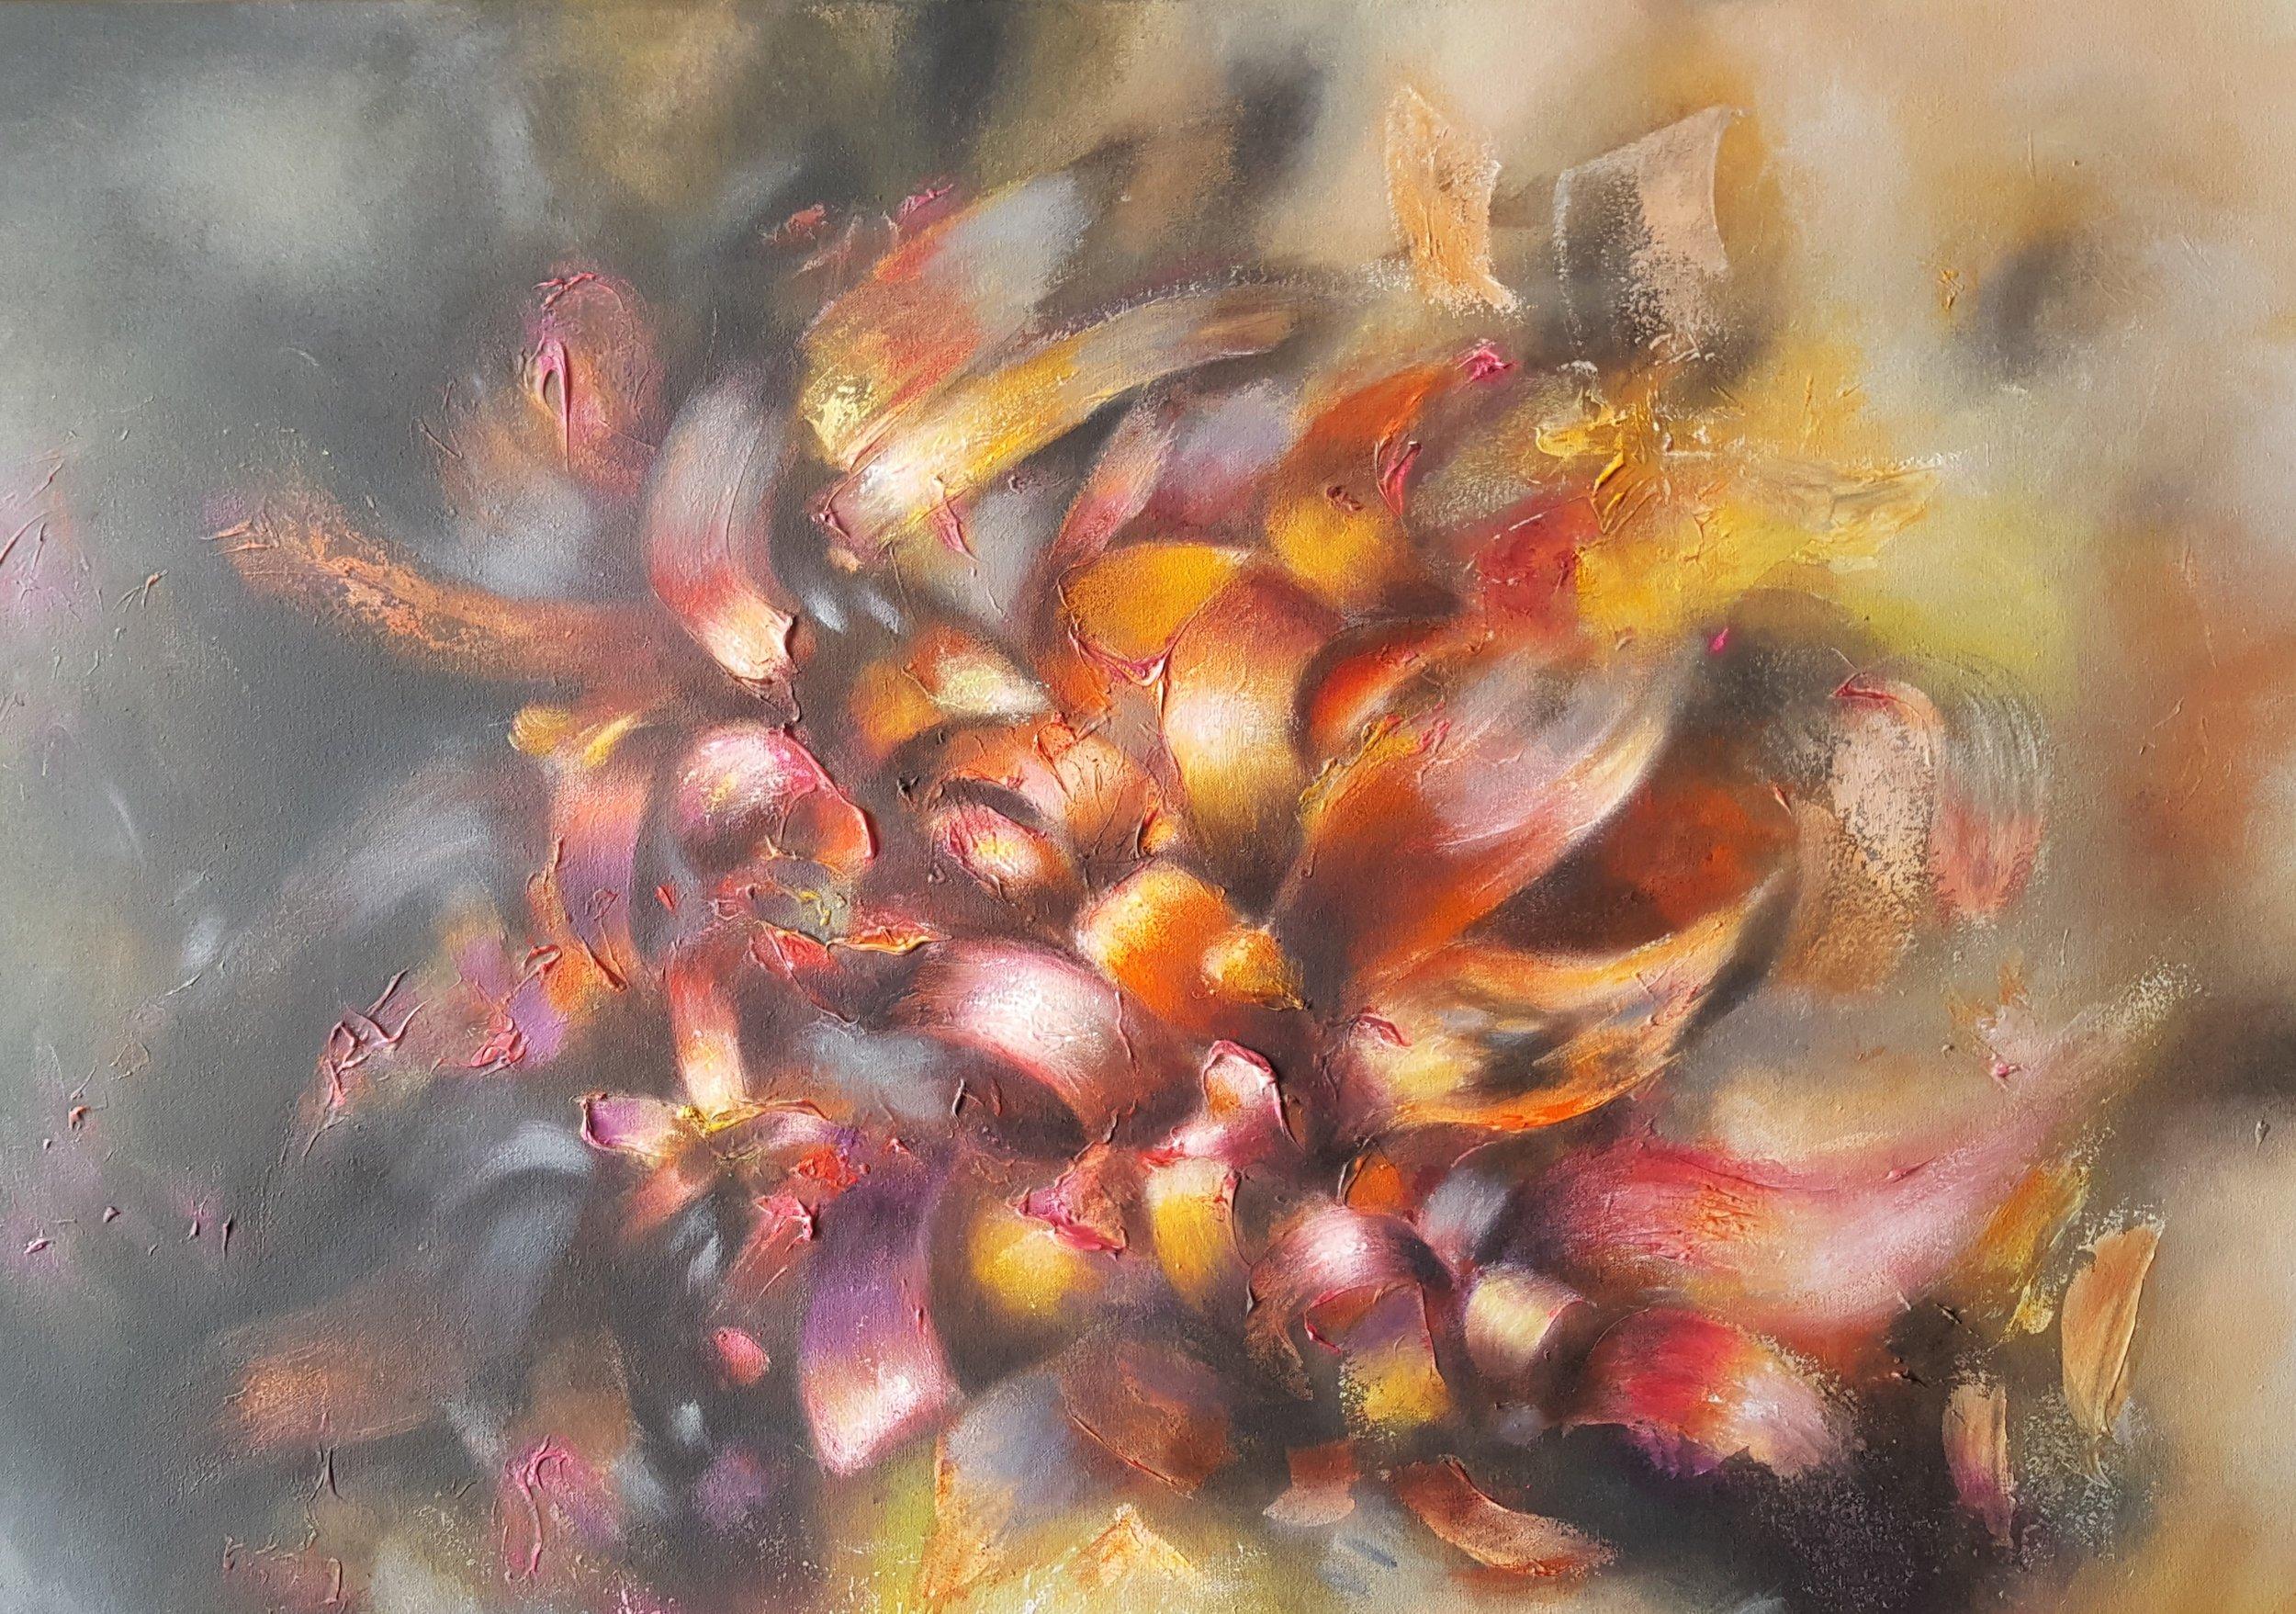 El Árbol de las Hojas Perdidas 100 x 70 cm